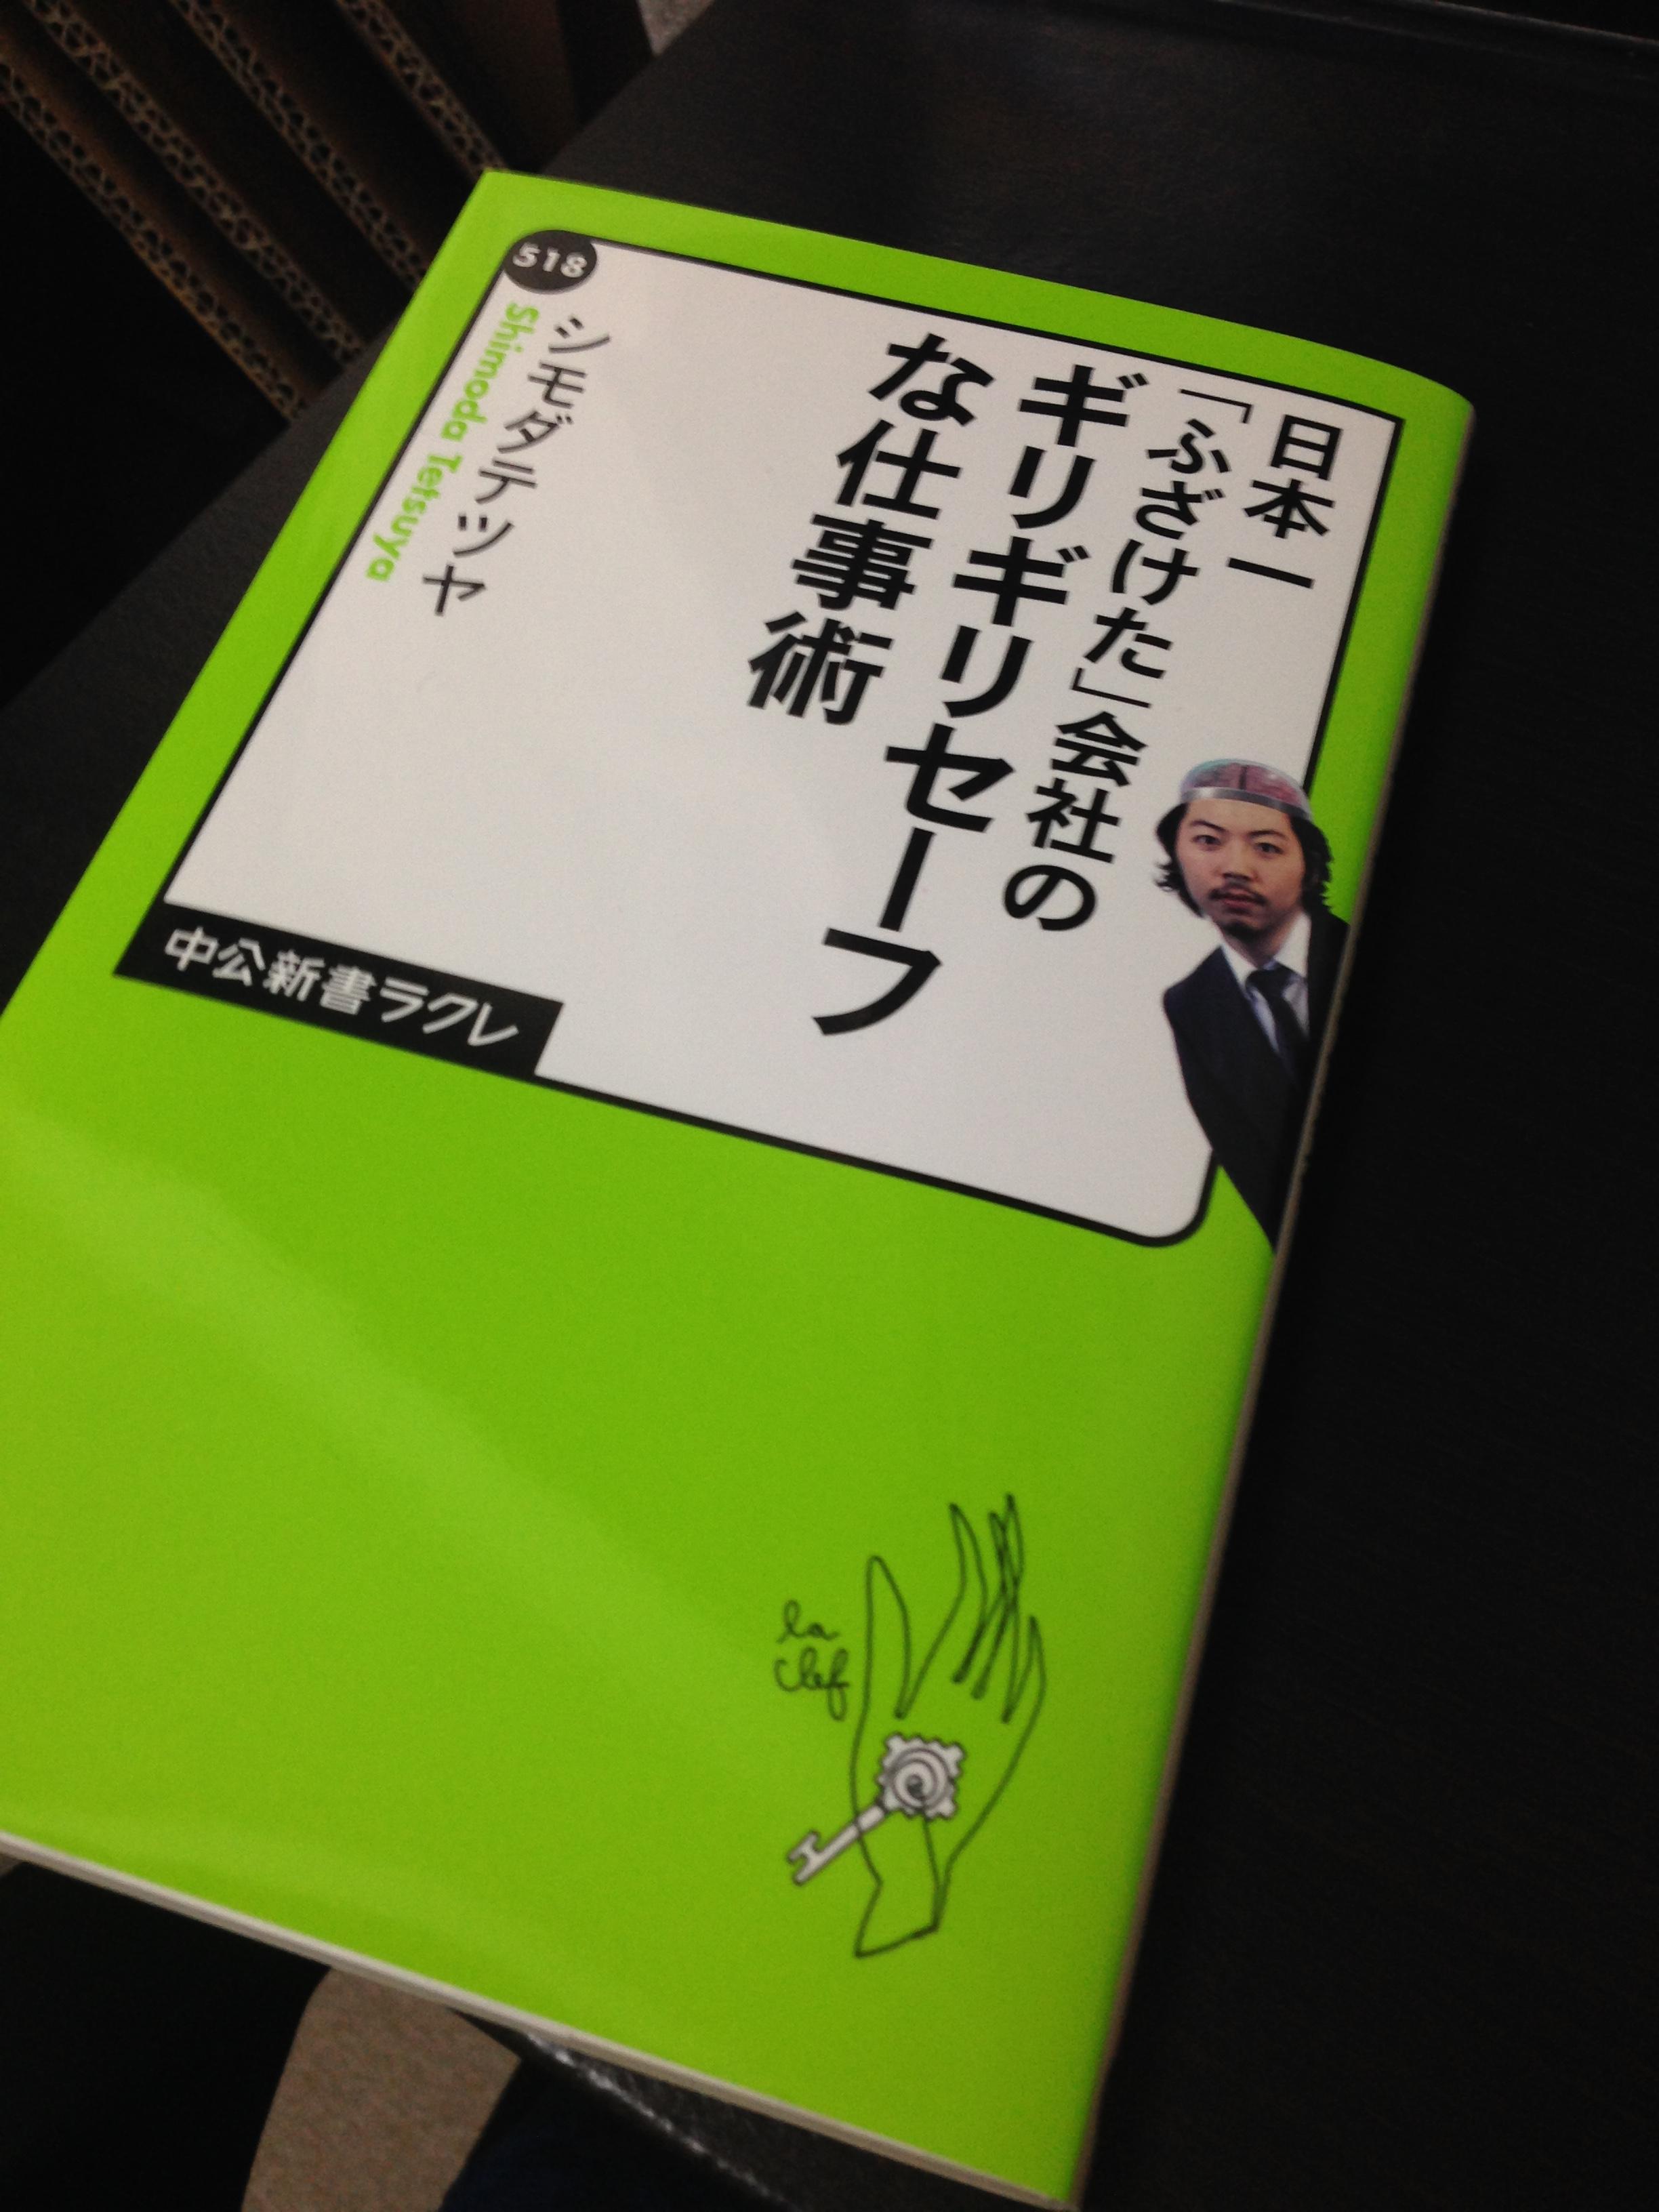 『日本一ふざけた会社のギリギリセーフな仕事術』を読んでみた。電車で読むのはやめた方がいい、笑いが止まらないかも。